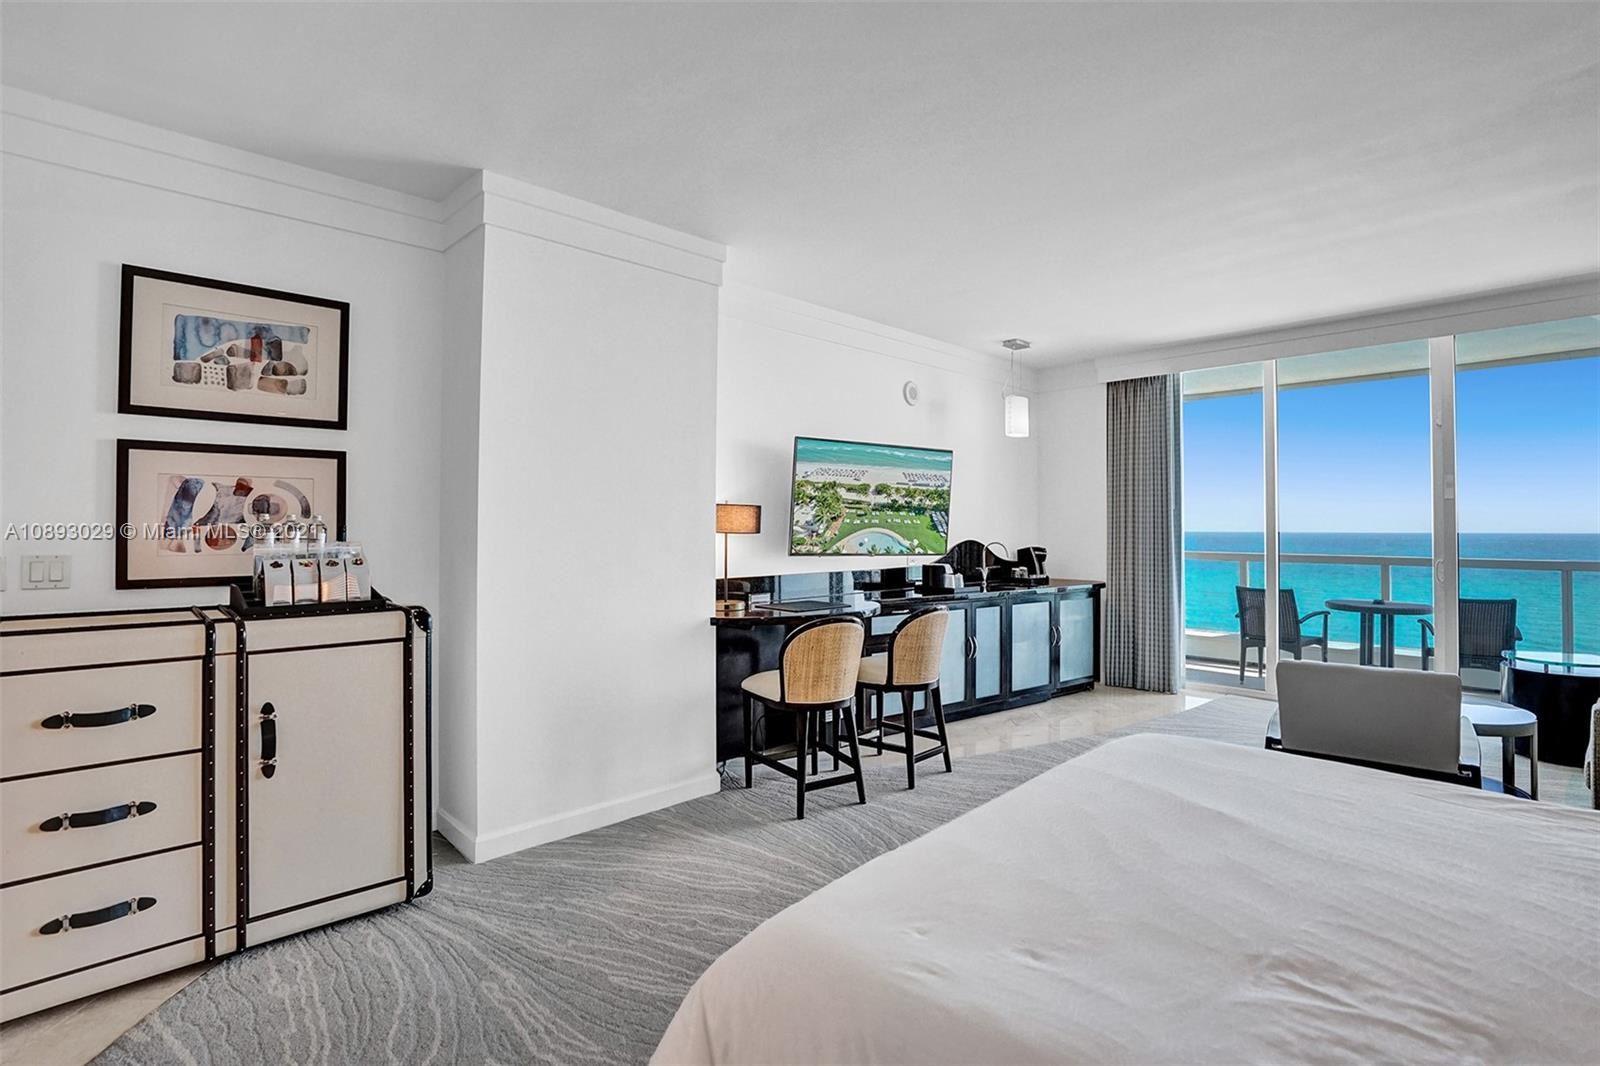 4391 COLLINS AVE #1411, Miami Beach, FL 33140 - #: A10893029